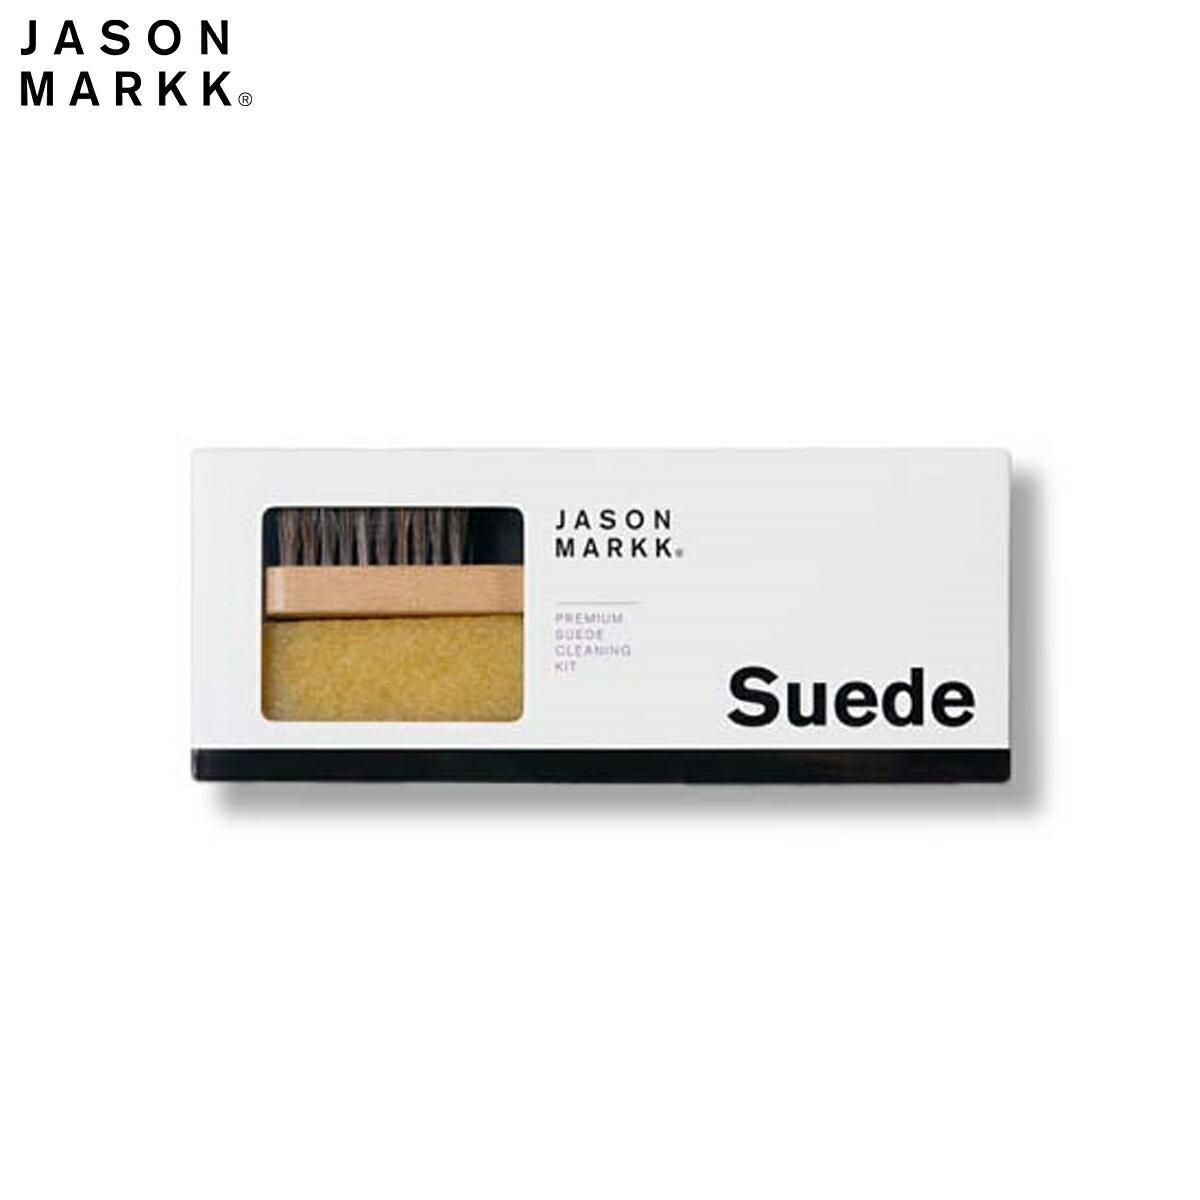 【送料無料】JASON MARKK SUEDE CLEANING KIT 【スウェード・ヌバック用クリーニングキット】 ジェイソンマーク スエード クリーニング キット